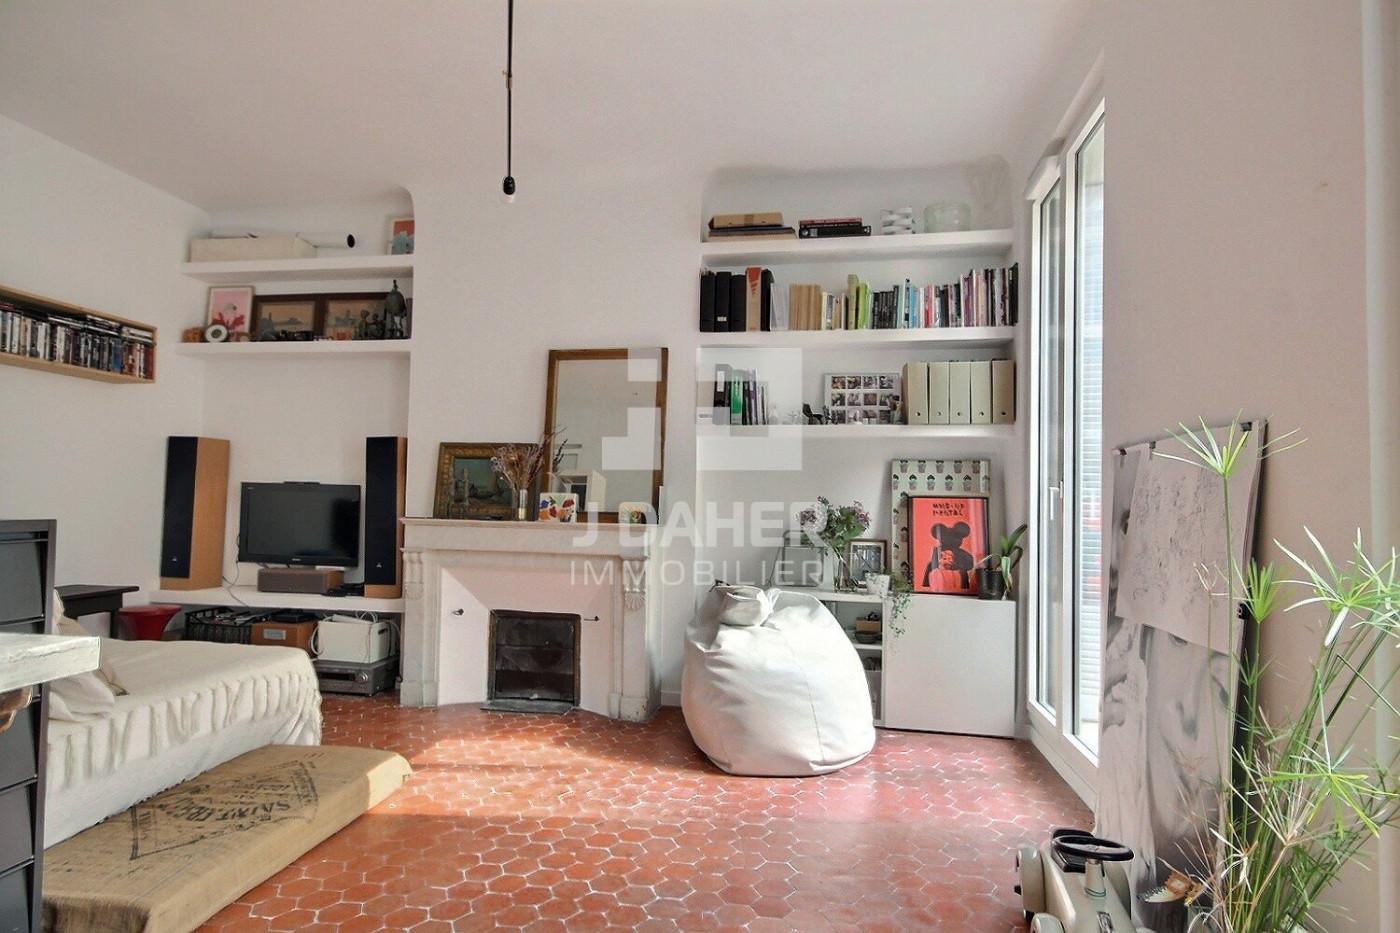 A vendre  Marseille 6eme Arrondissement | Réf 130251011 - J daher immobilier